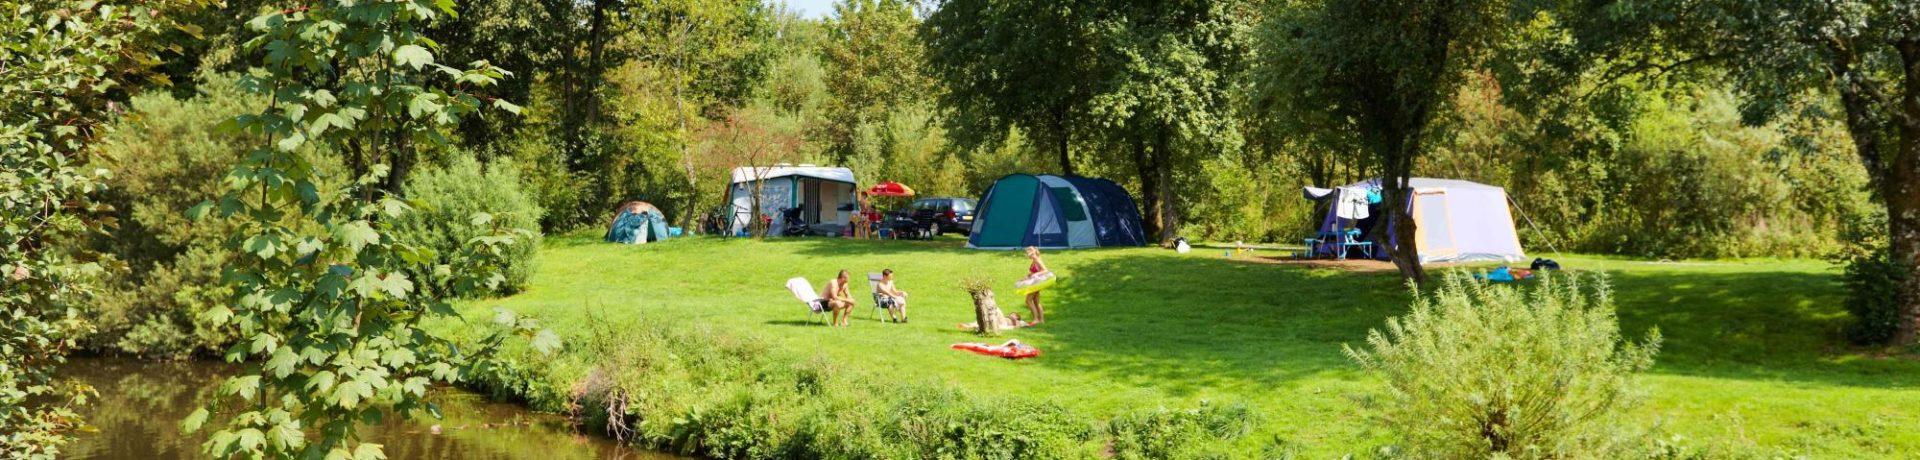 De charme camping de Chênefleur in Tintigny is schitterend gelegen aan de rivier de Semois vlakbij het plaatsje Tintignyin de Gaumestreek in België.